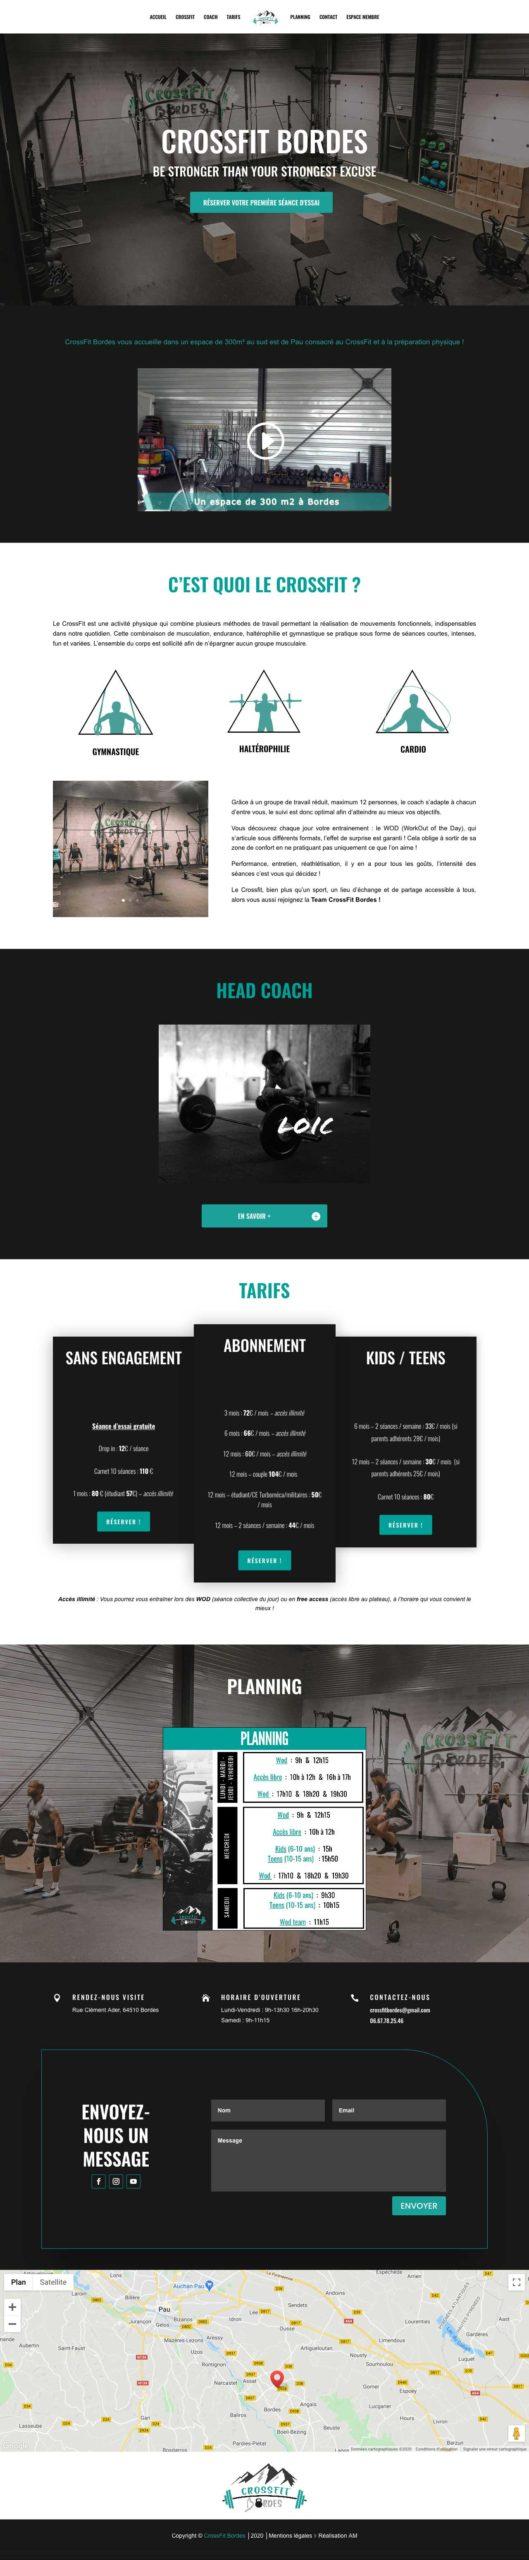 La landing page du site internet CrossFit Bordes.